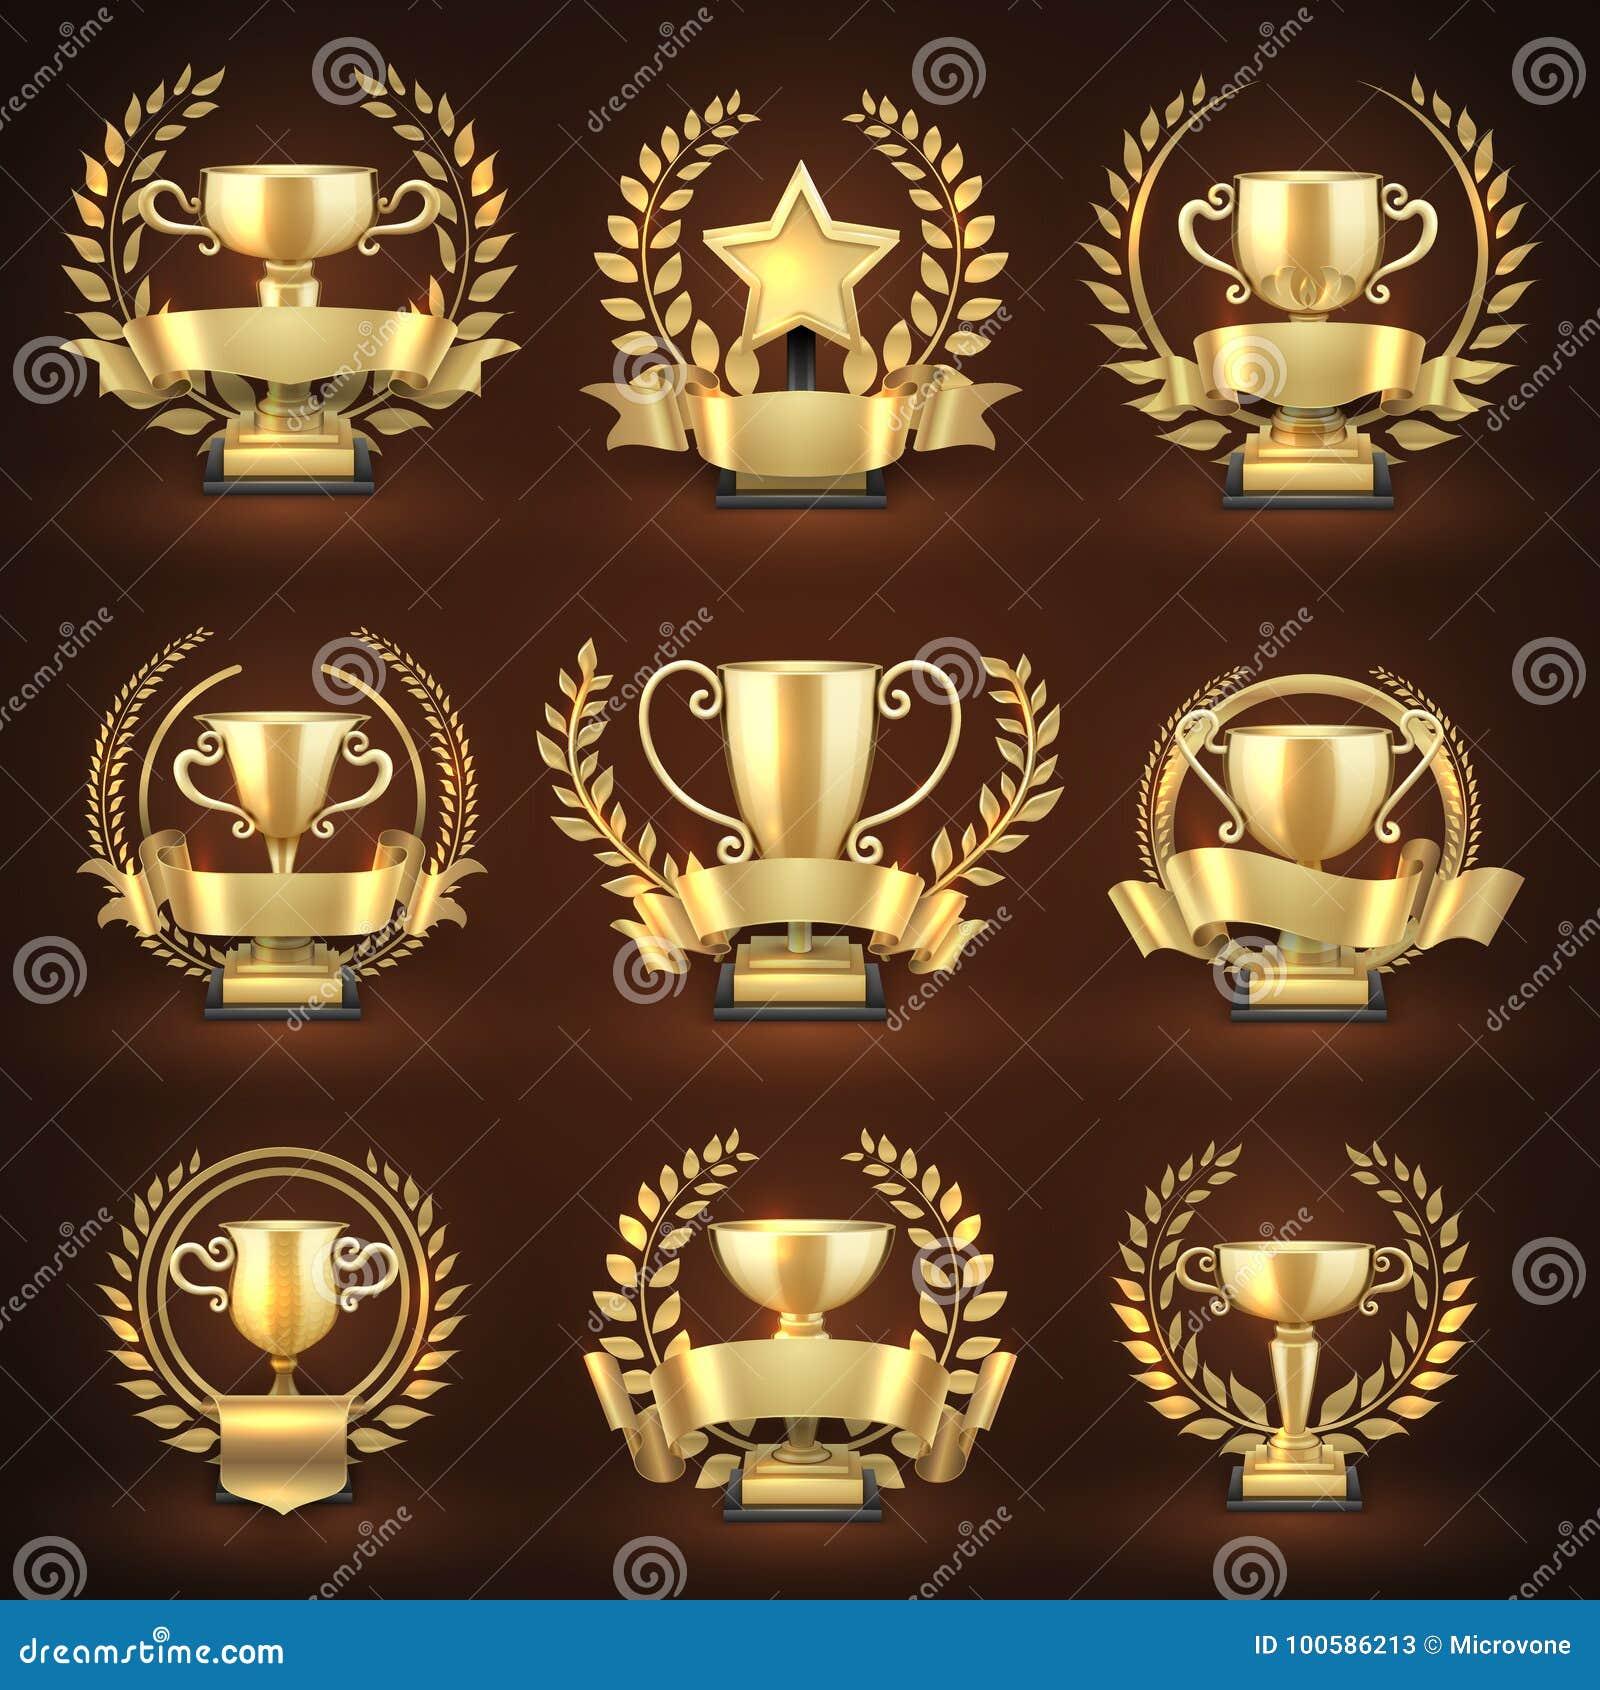 De gouden koppen van de winnaartrofee, de toekenning van prijssporten met gouden kronen en linten